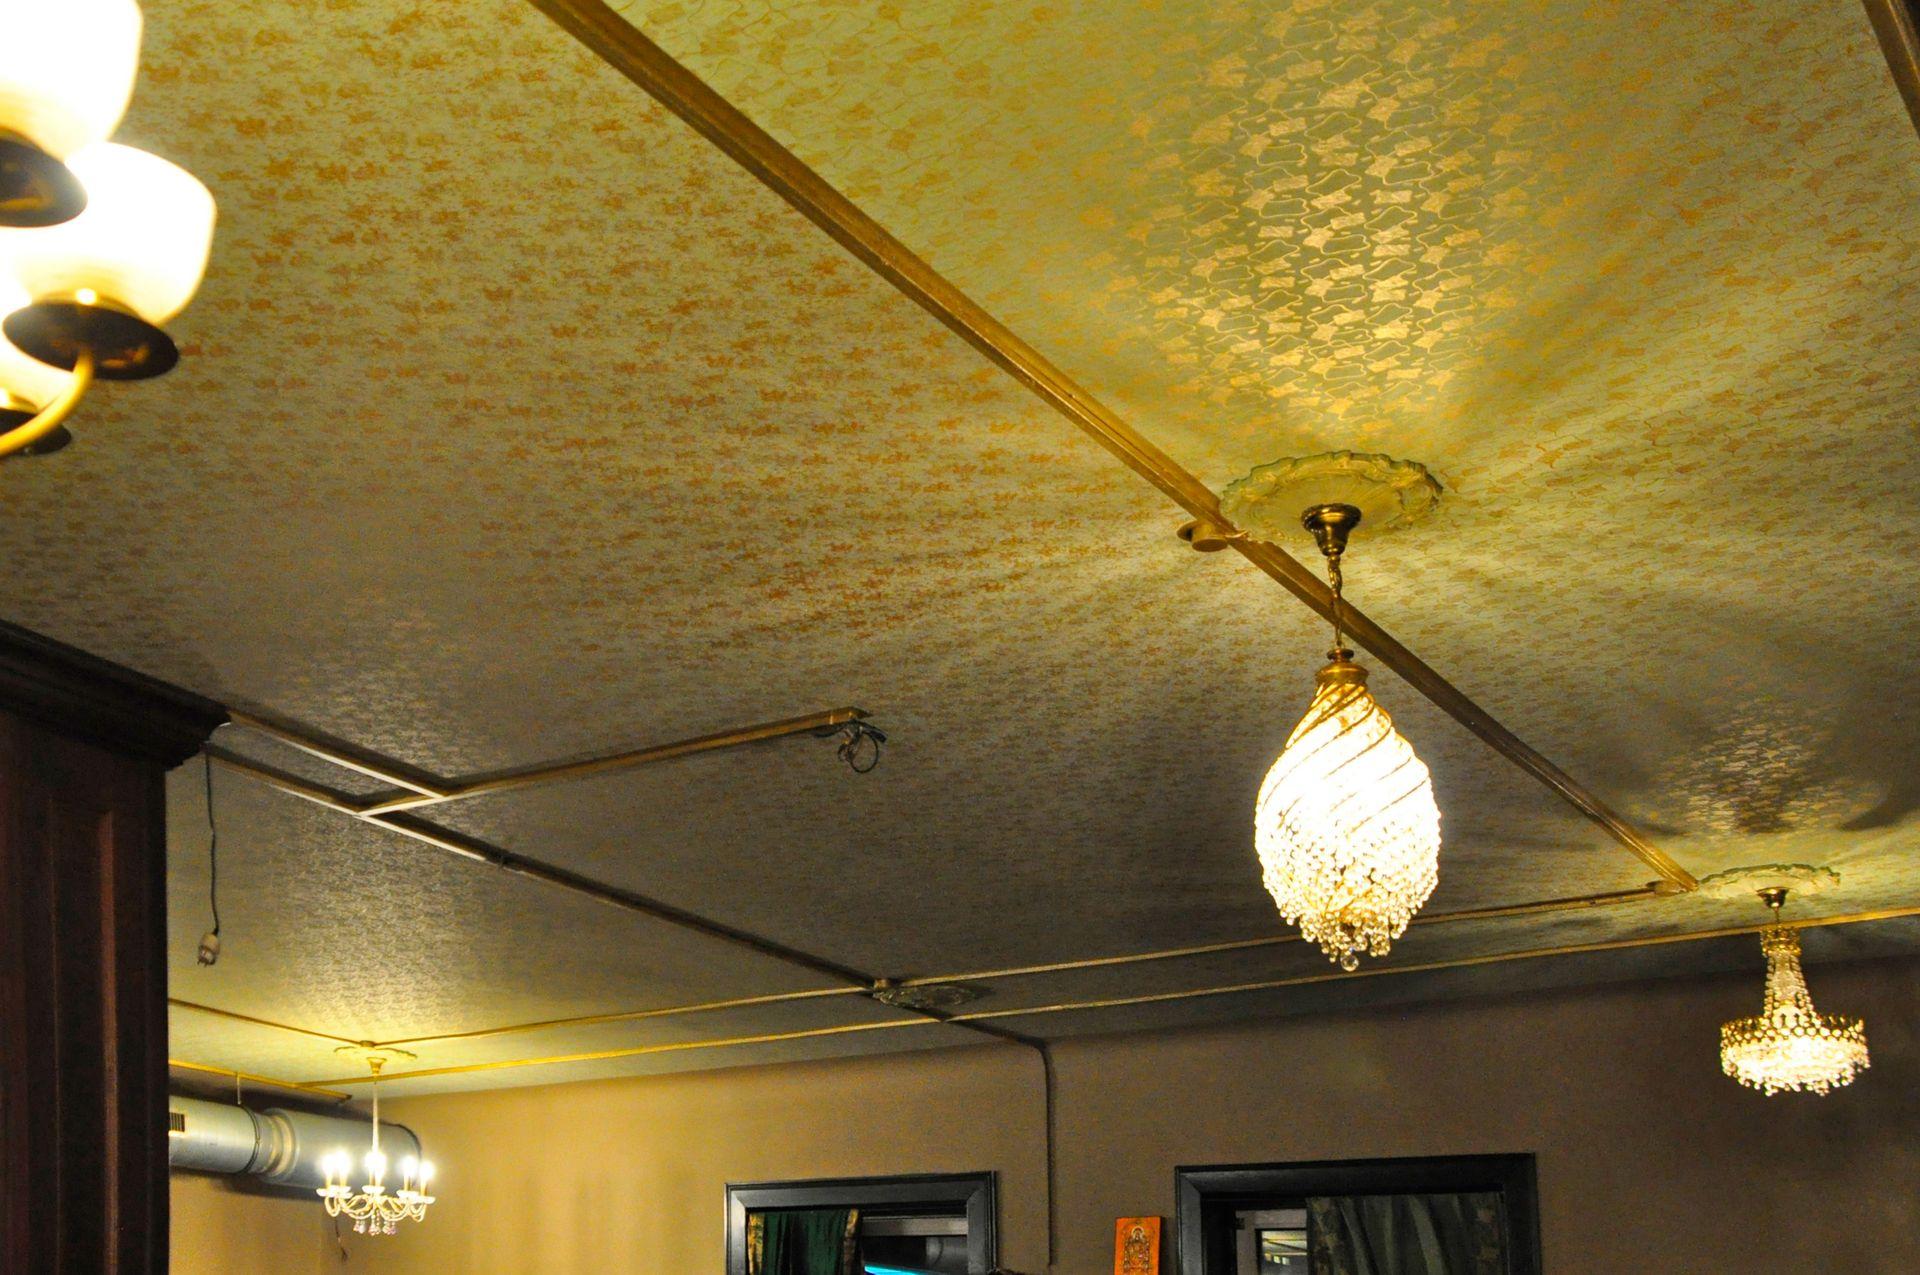 Deckenbemalung im Restaurant Maharaja am Neuen Pferdemarkt